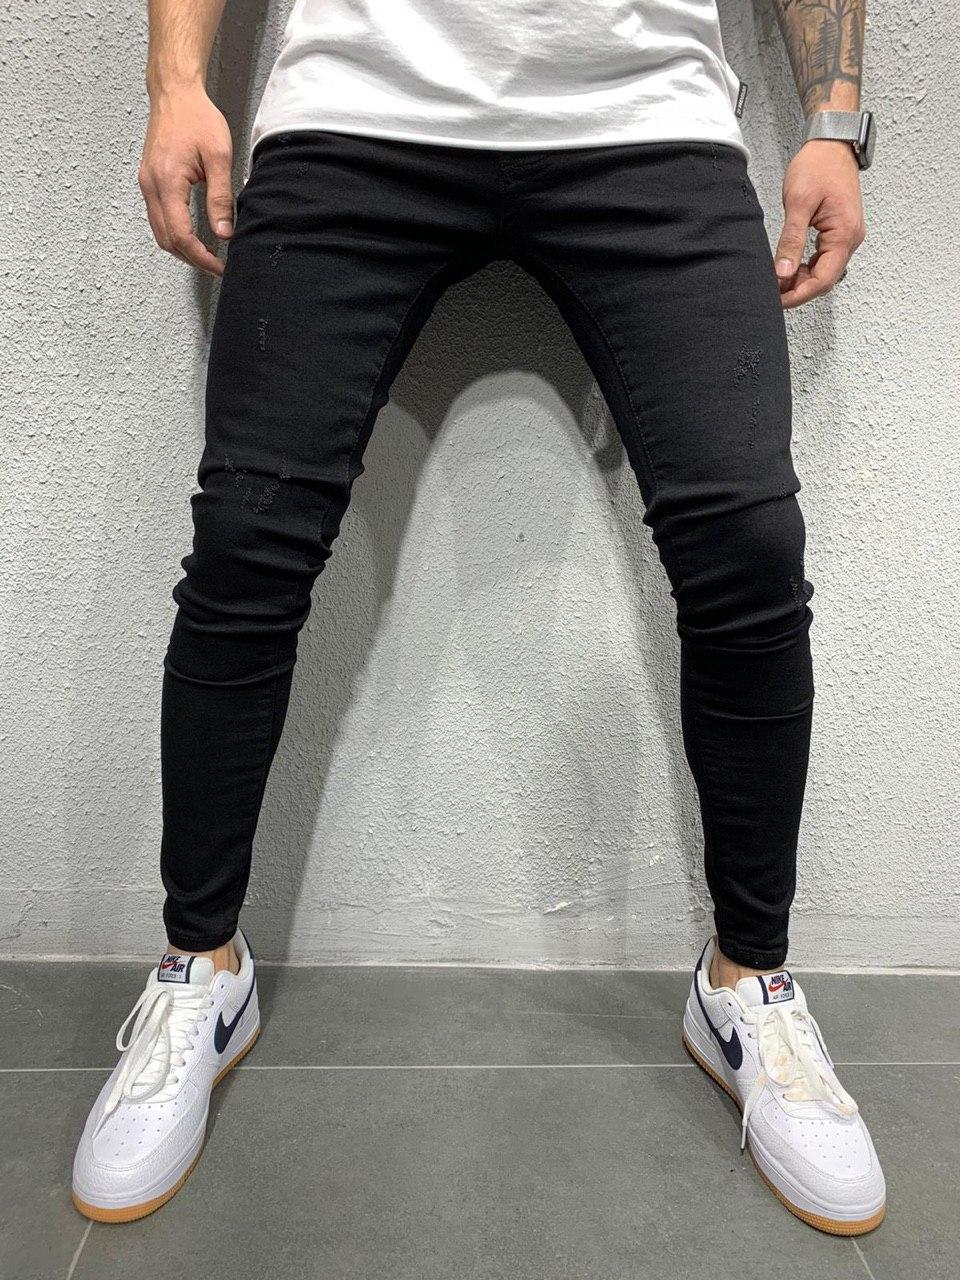 Джинси чоловічі чорні, завужені по фігурі стильні однотонні